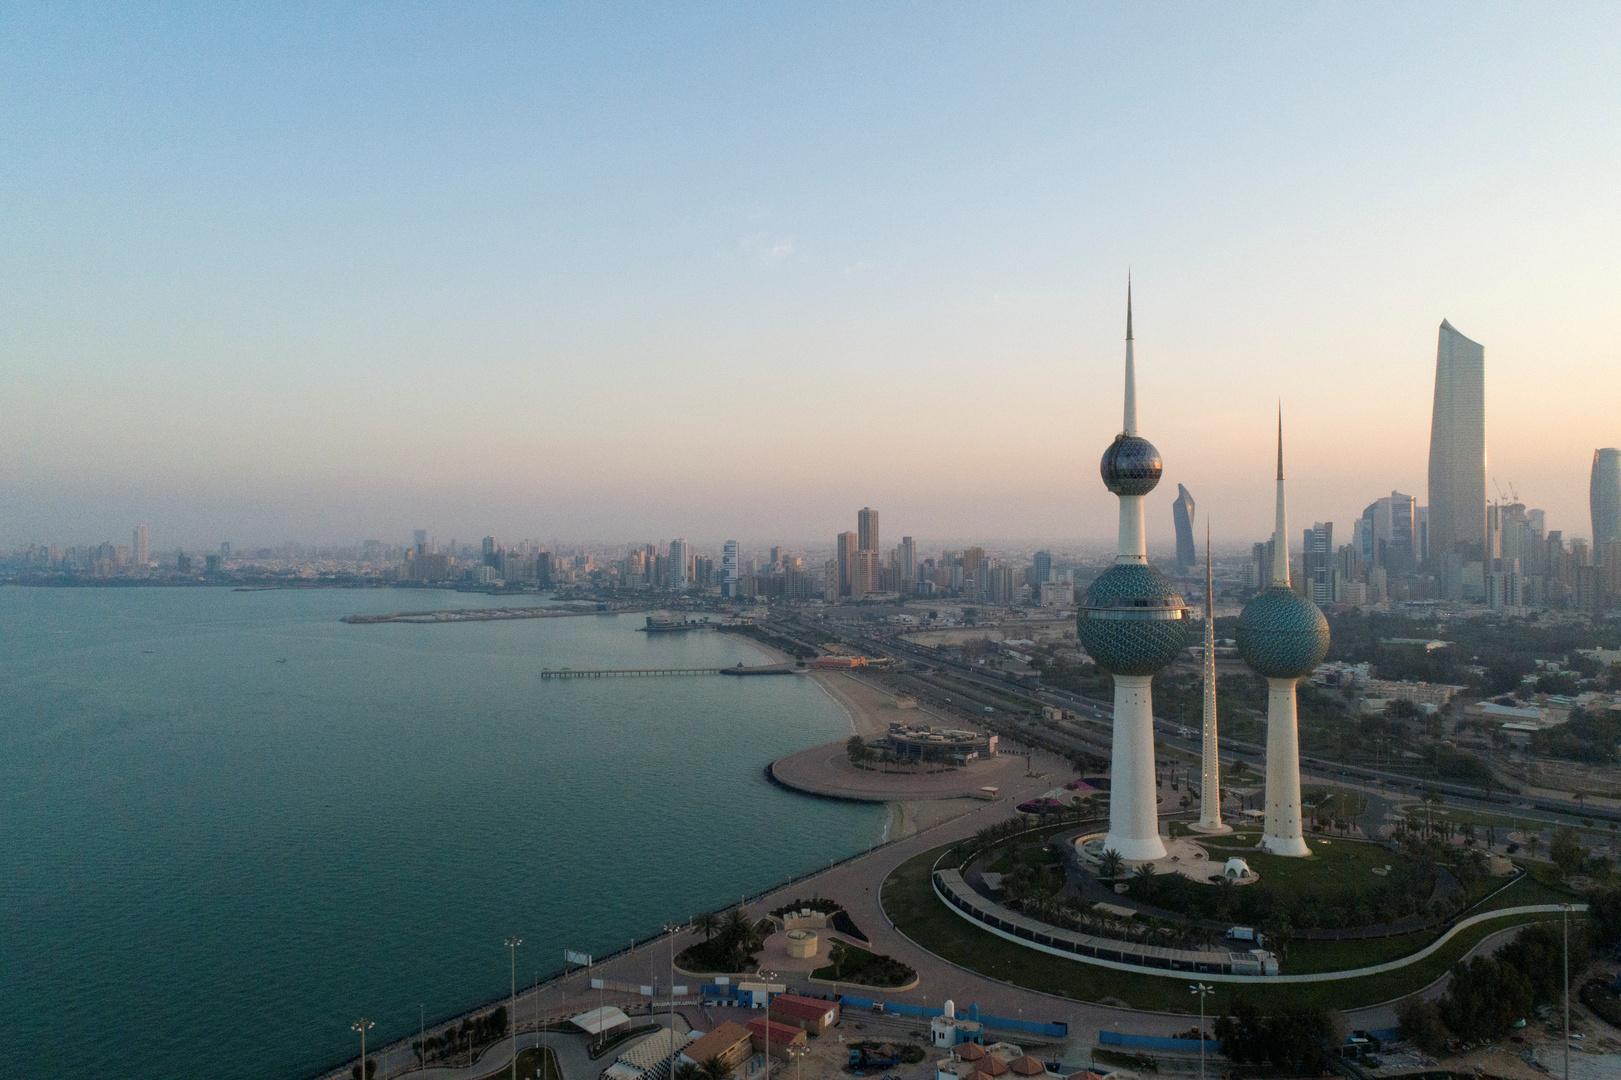 دعوات للتحقيق مع إعلامية كويتية اتهمت فنانة بنقل عدوى كورونا للراحل مشاري البلام